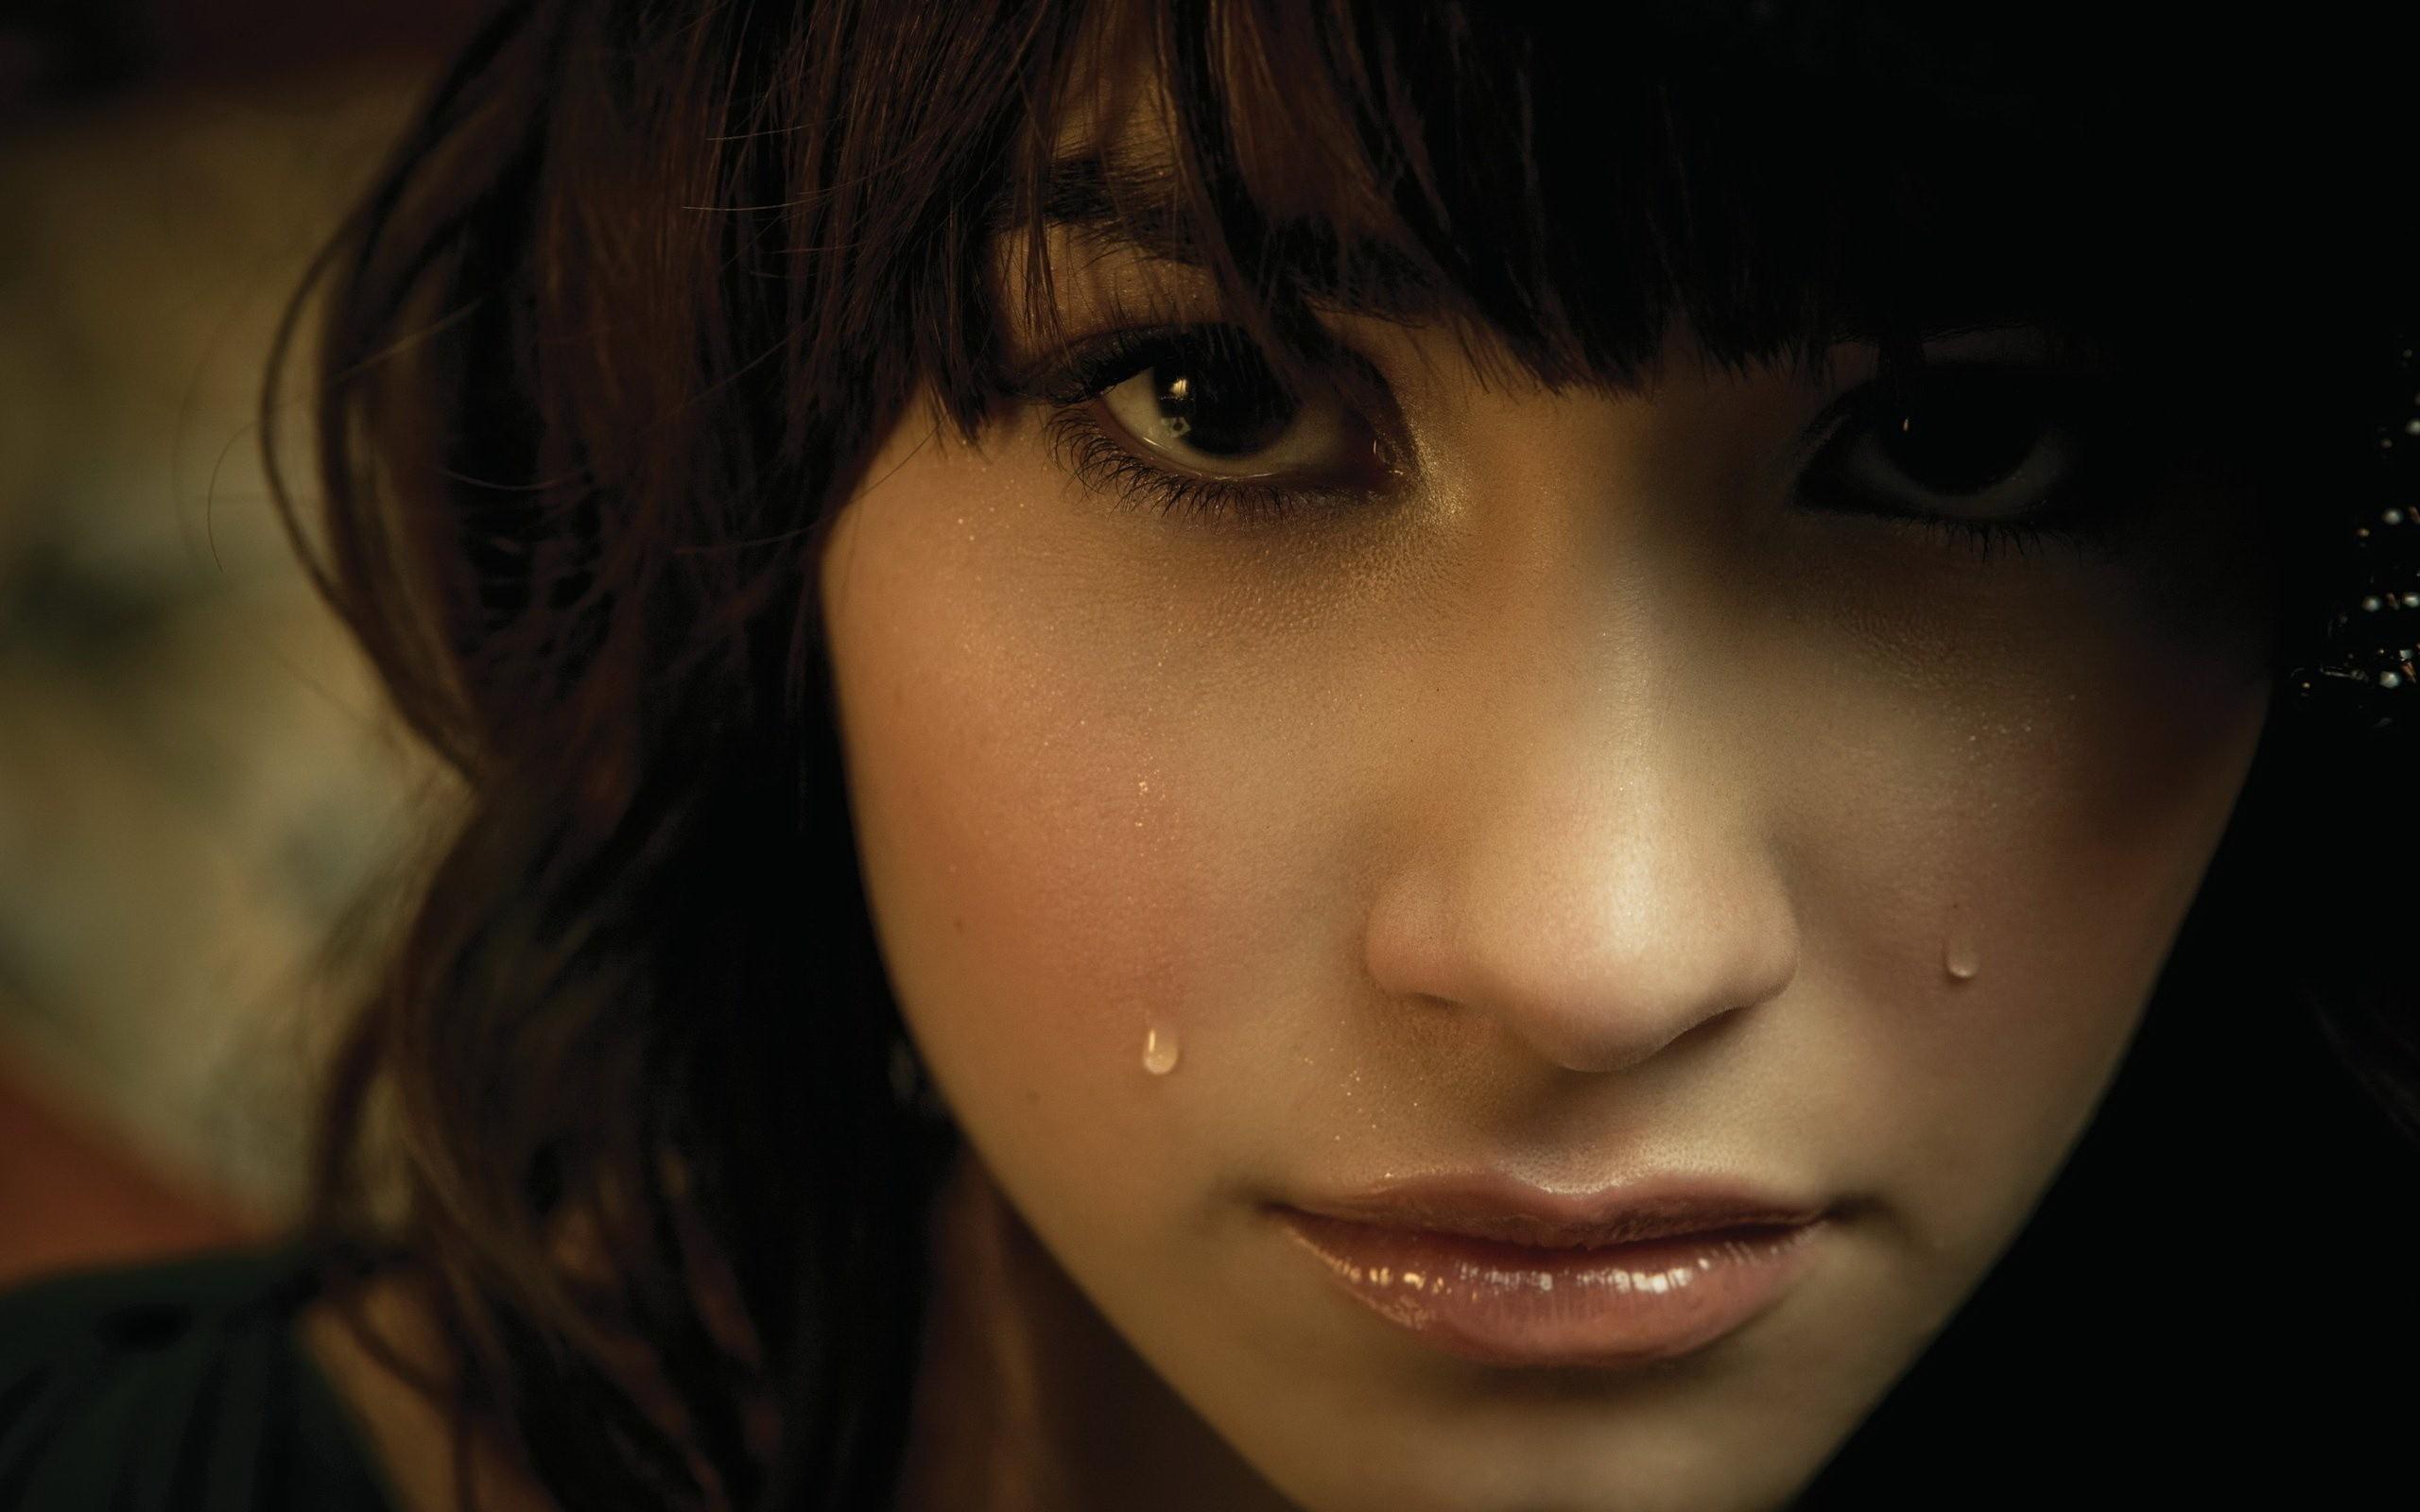 Картинки девушка плачет слезы, поздравления